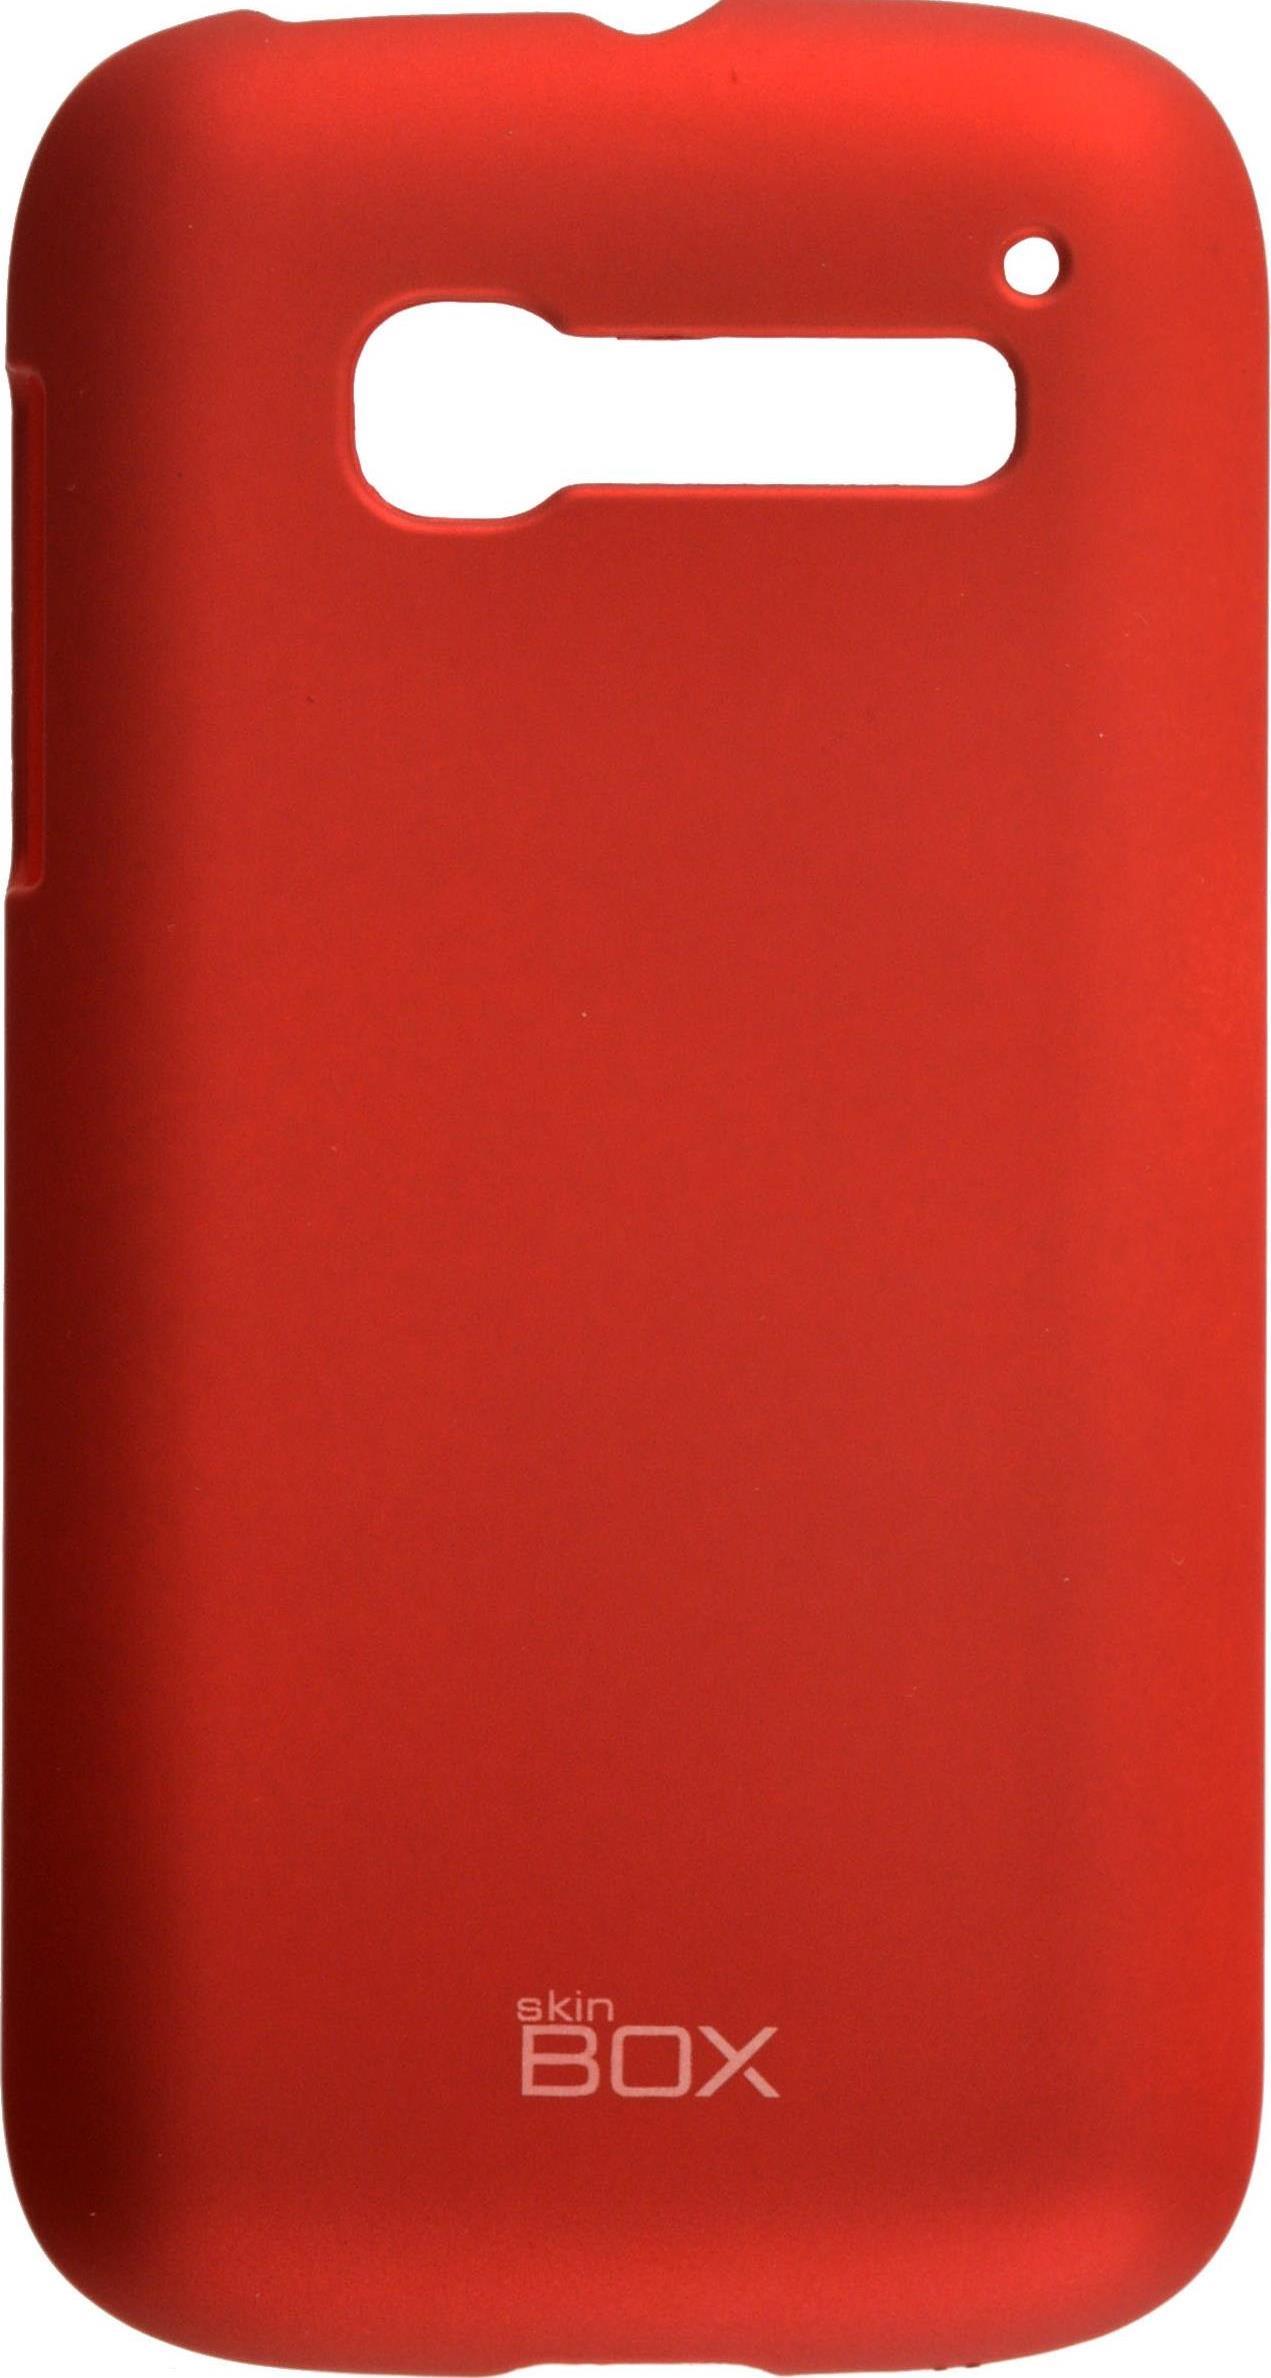 Чехол для сотового телефона skinBOX 4People, 4660041406825, красный чехол для сотового телефона skinbox 4people 4630042528994 красный